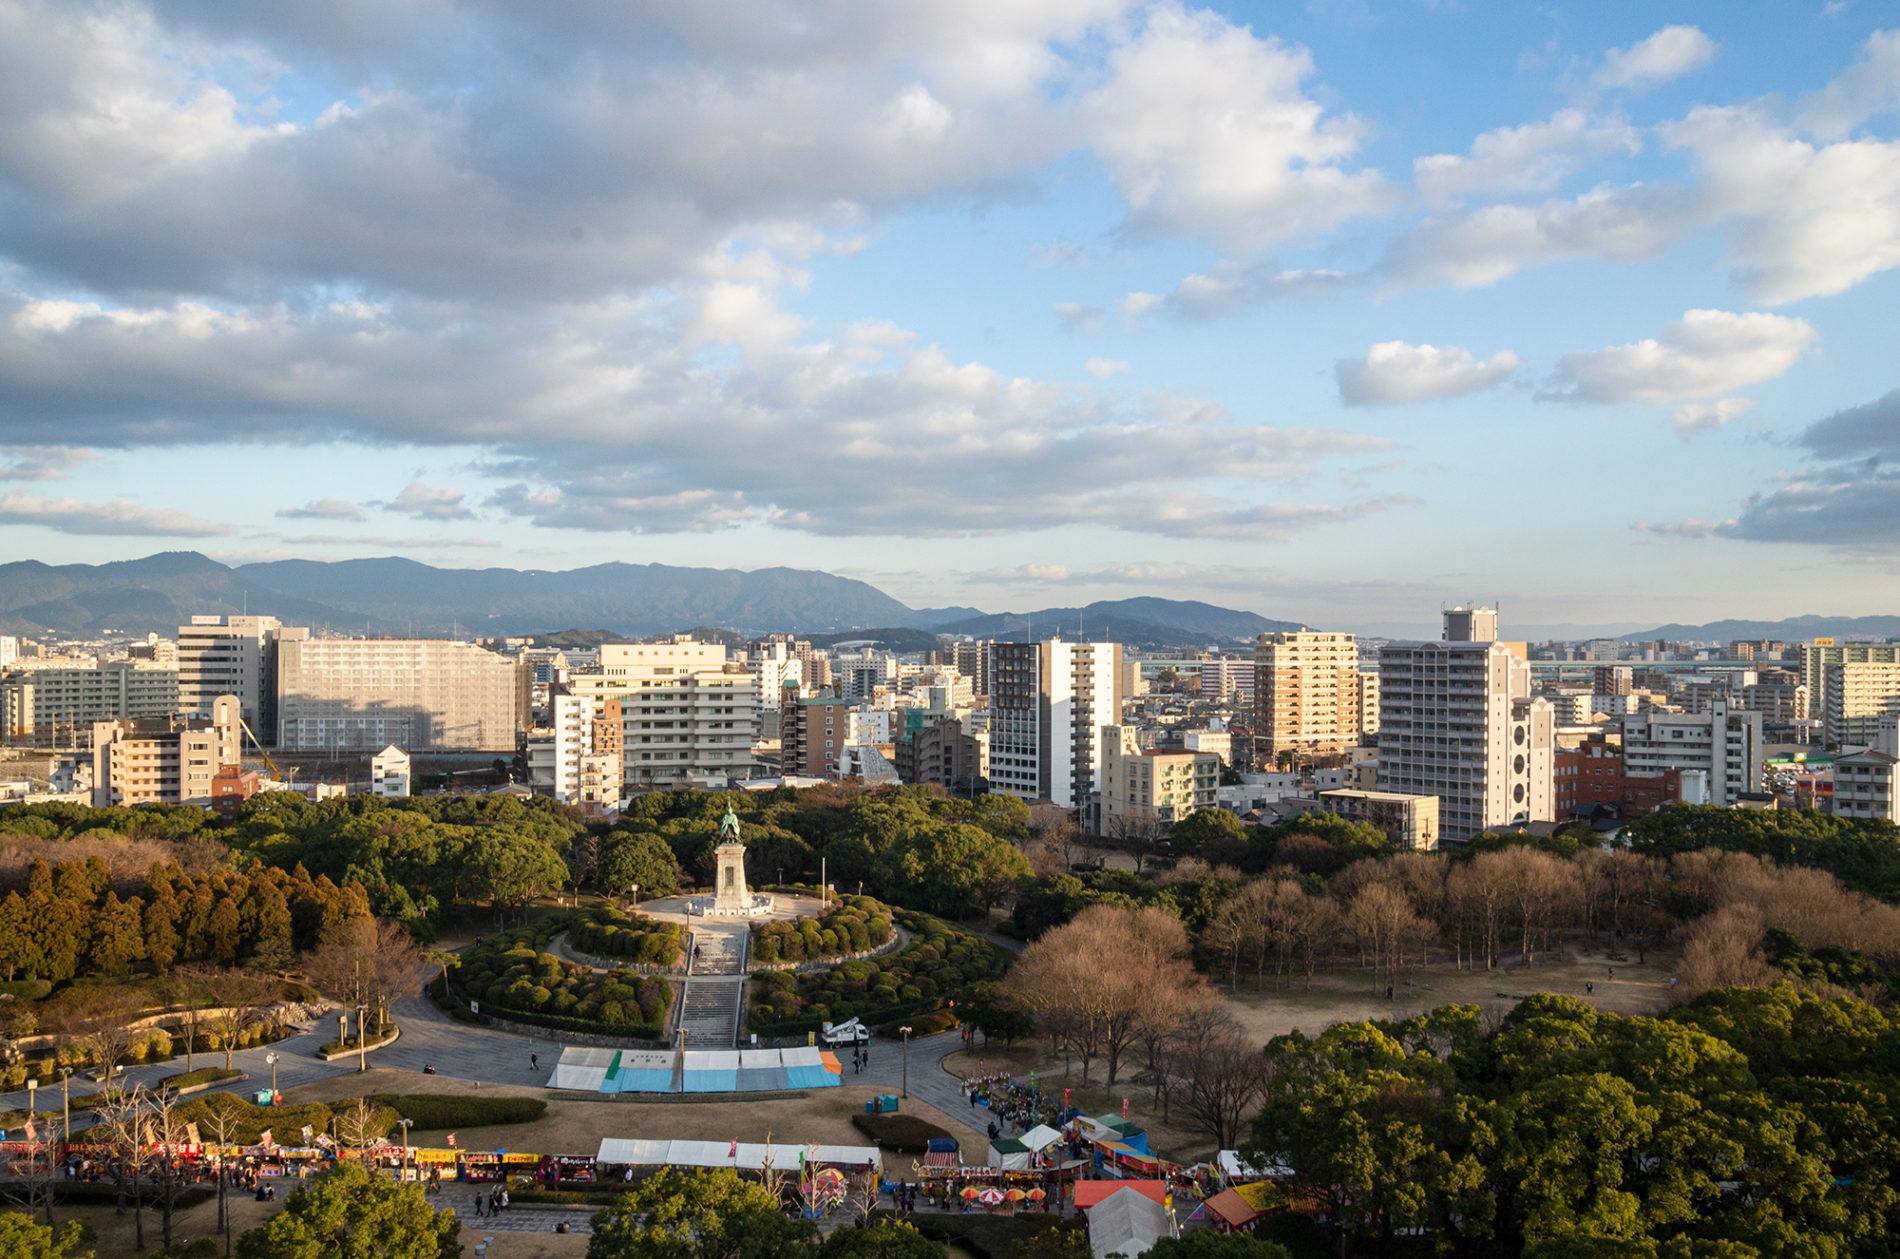 十日恵比寿開催中の東公園の写真